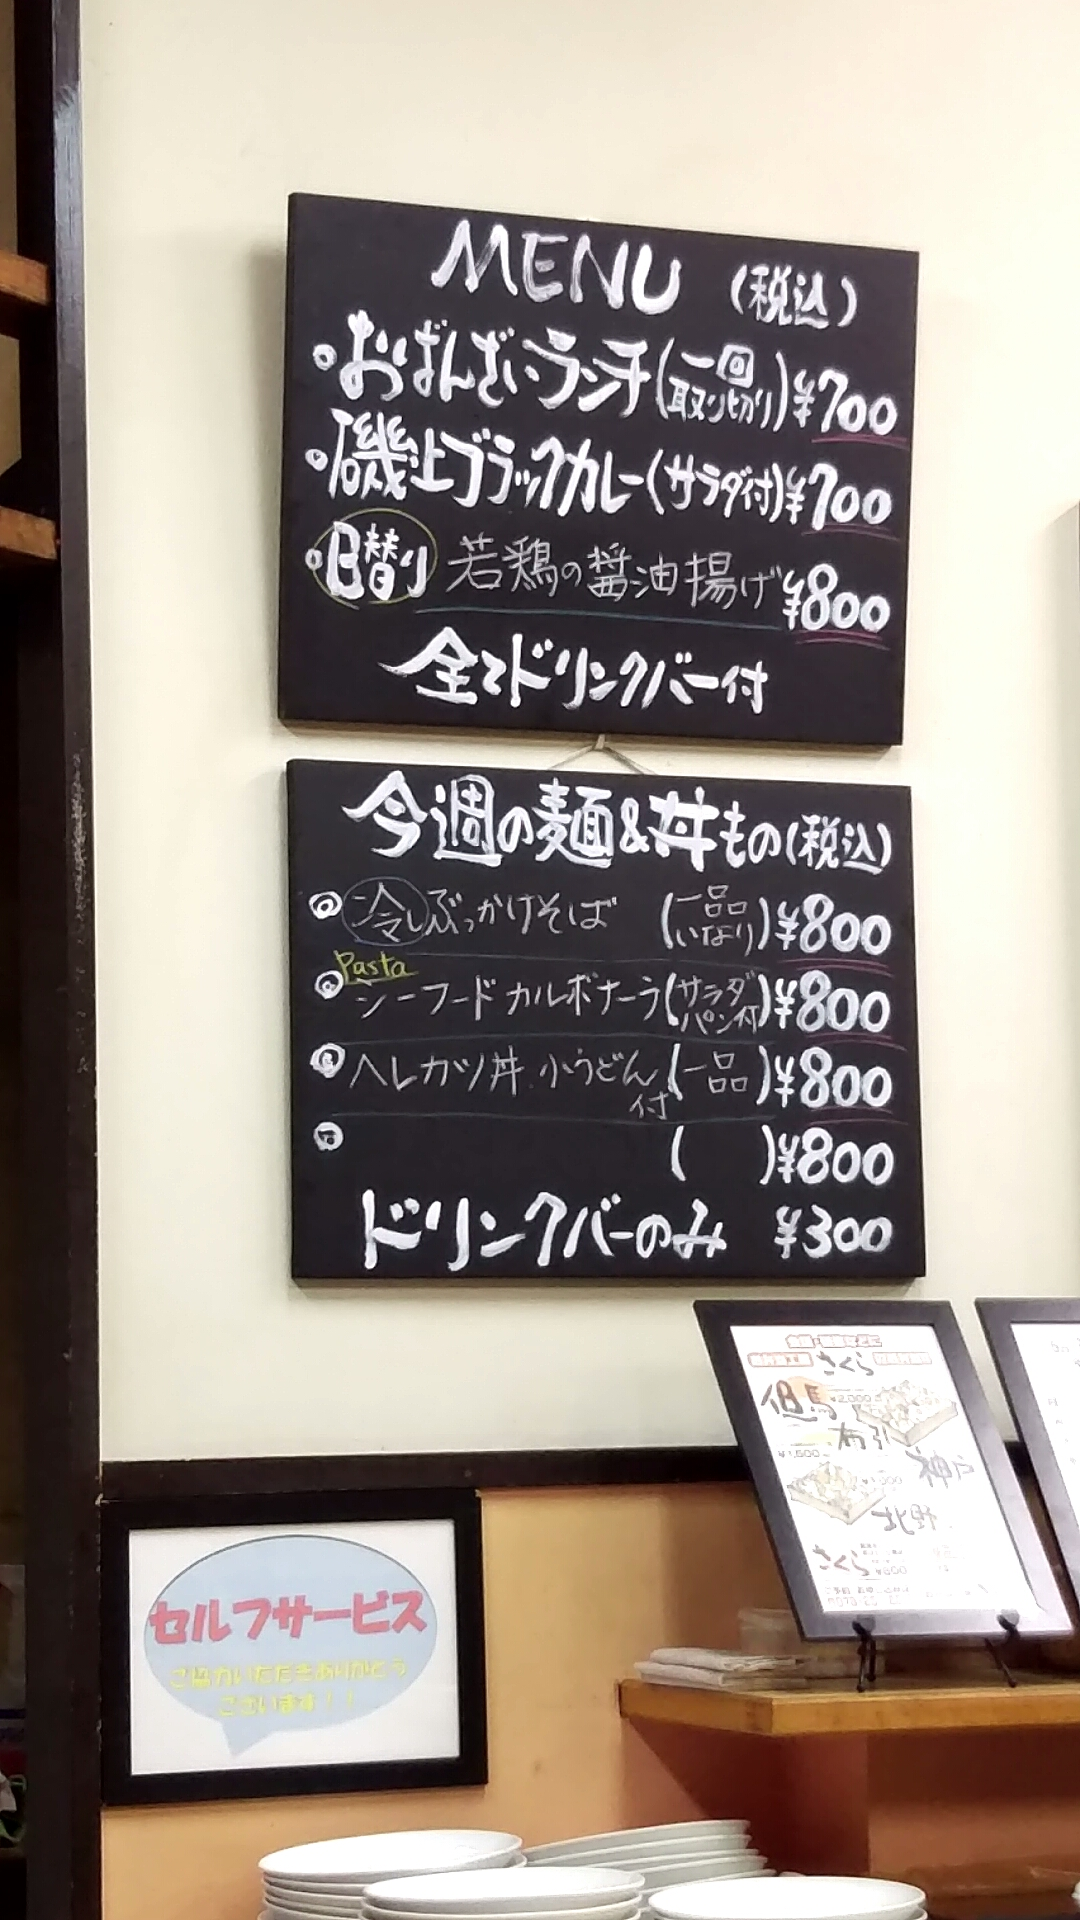 先日価格改定があり、おばんさいセットや磯上ブラックカレーが700円になった…ひょっとして??